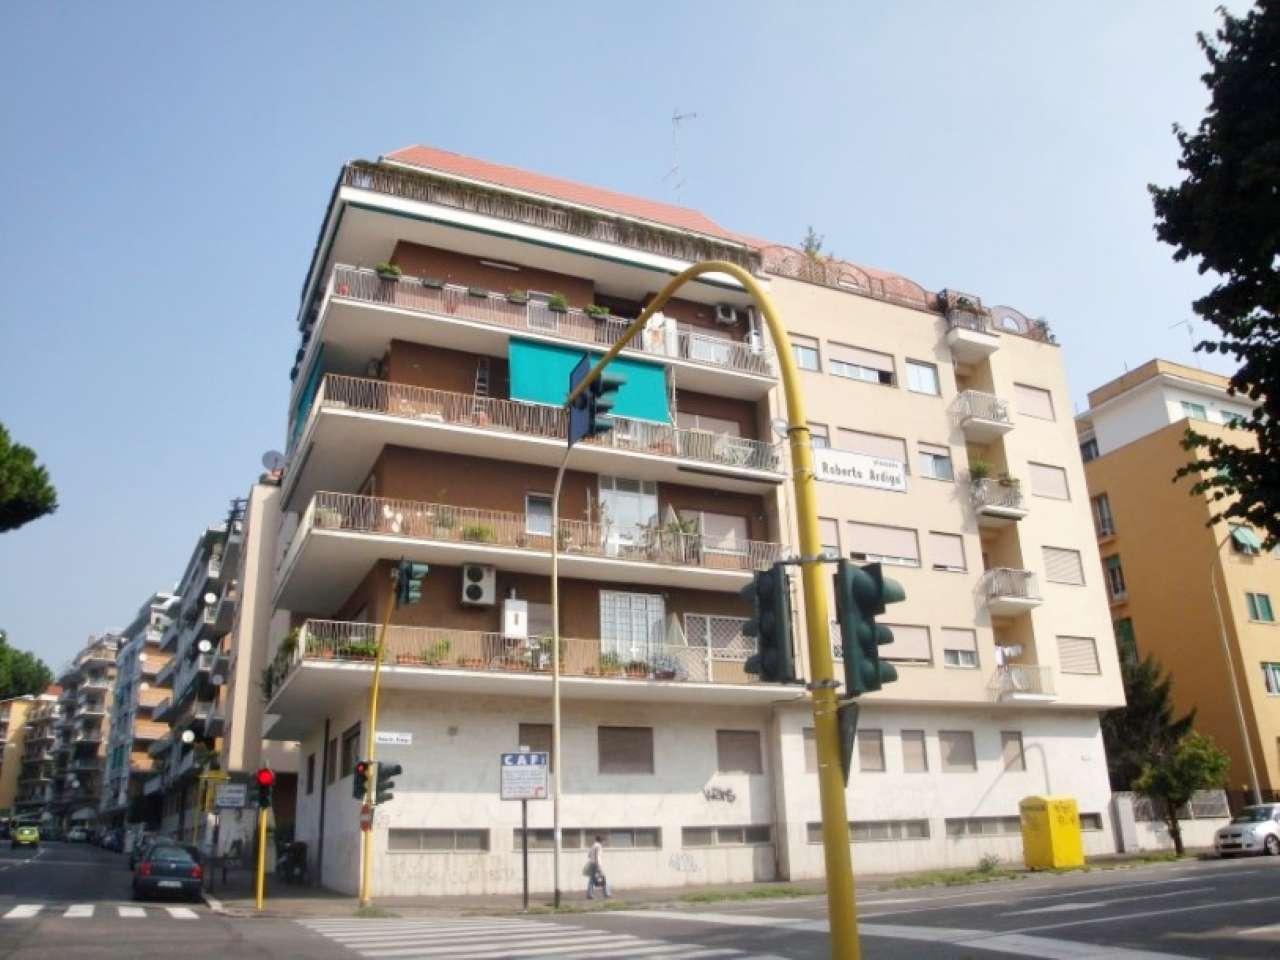 Cioli rismondo roma centro storico r e a roma casa for Affitto roma laurentina